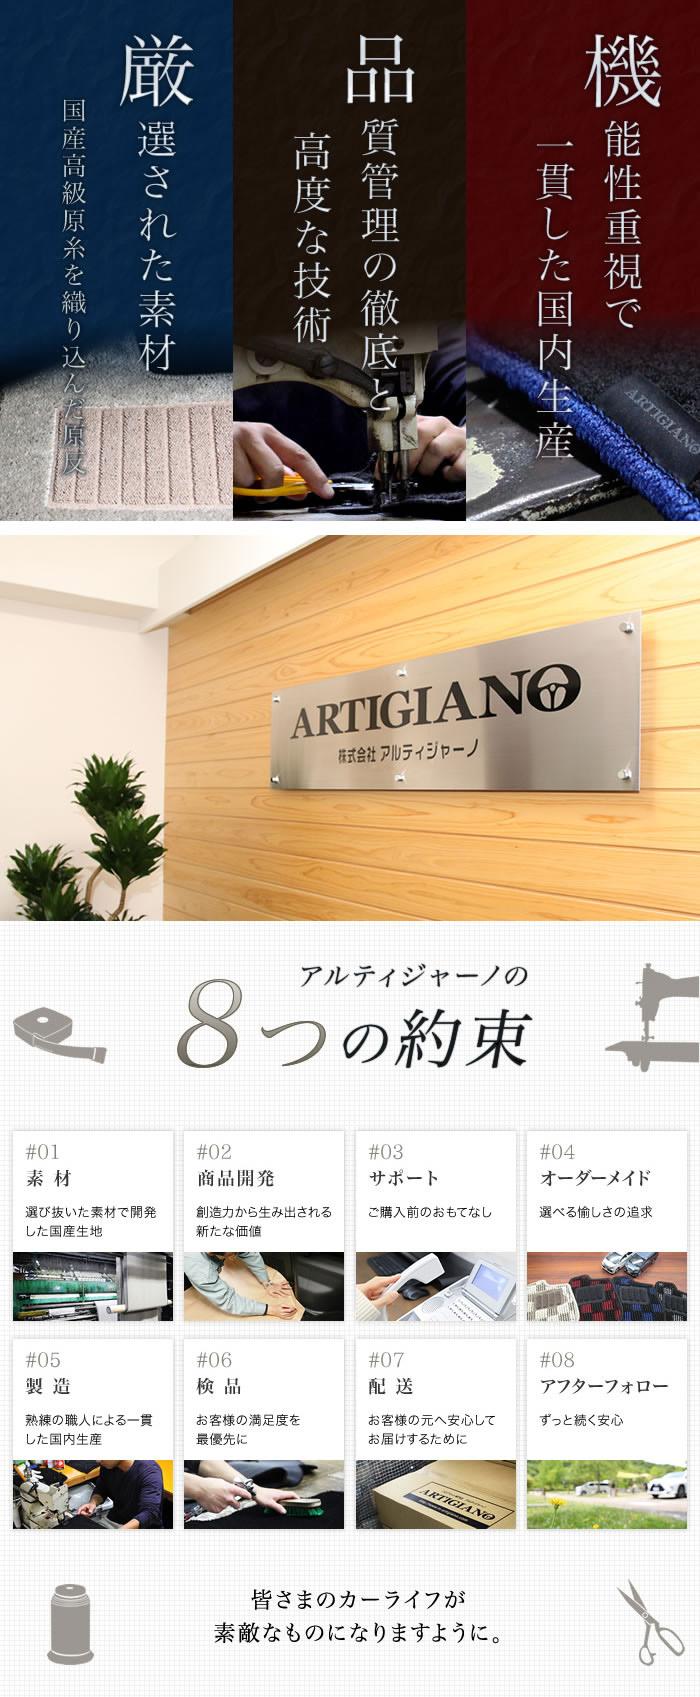 アルティジャーノの8つの約束